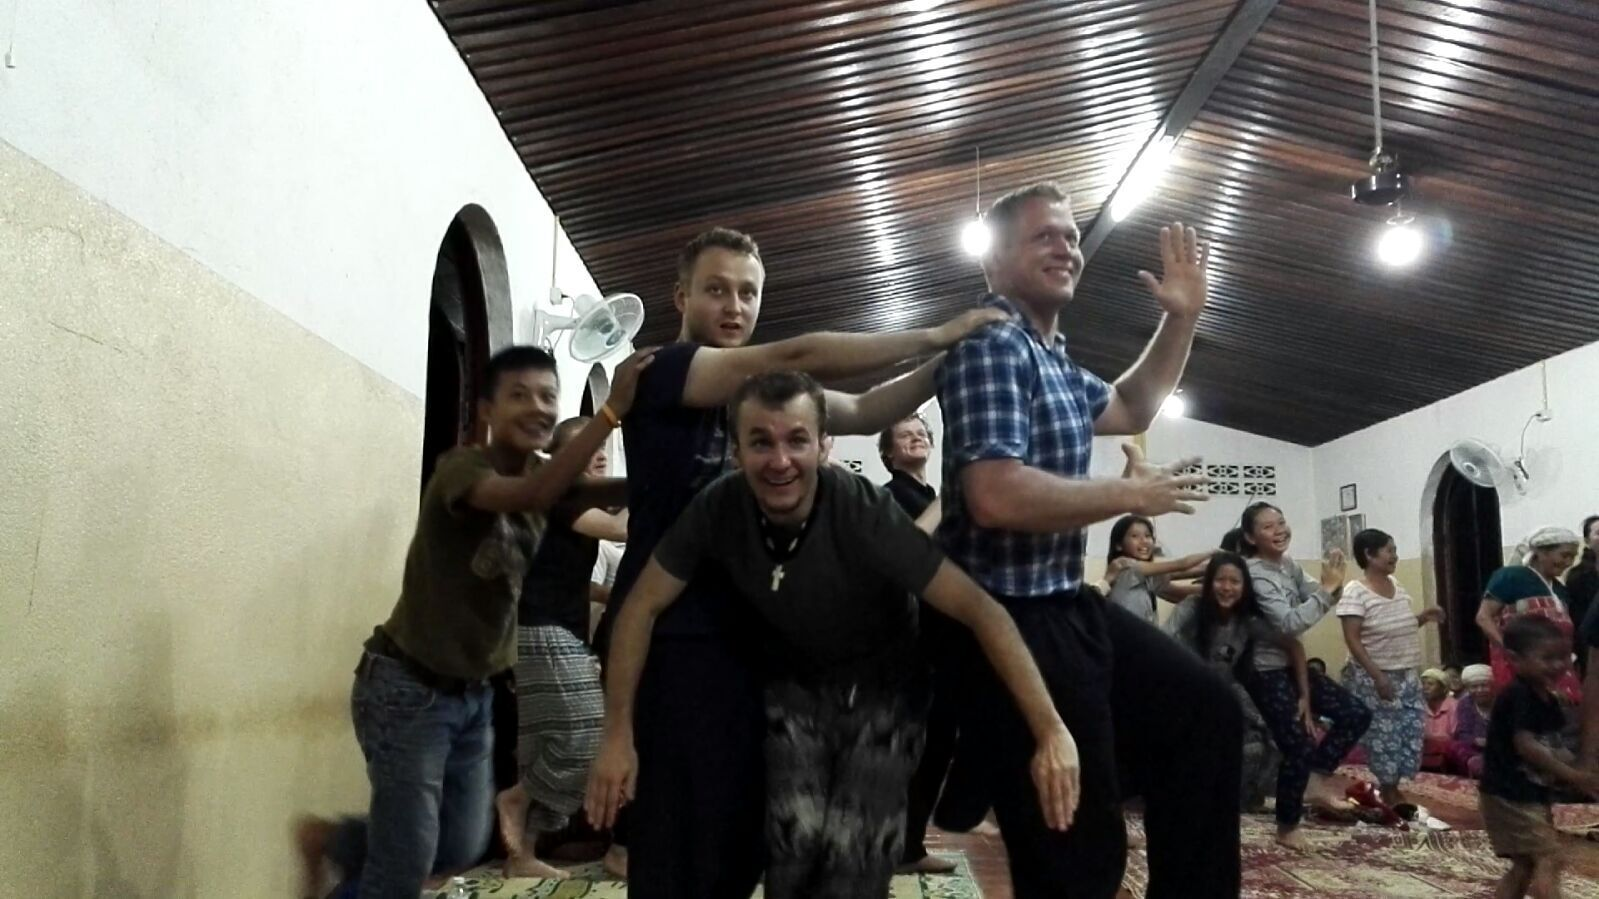 Miika, Joona ja Tommi taiteilemassa Tetriksessä.